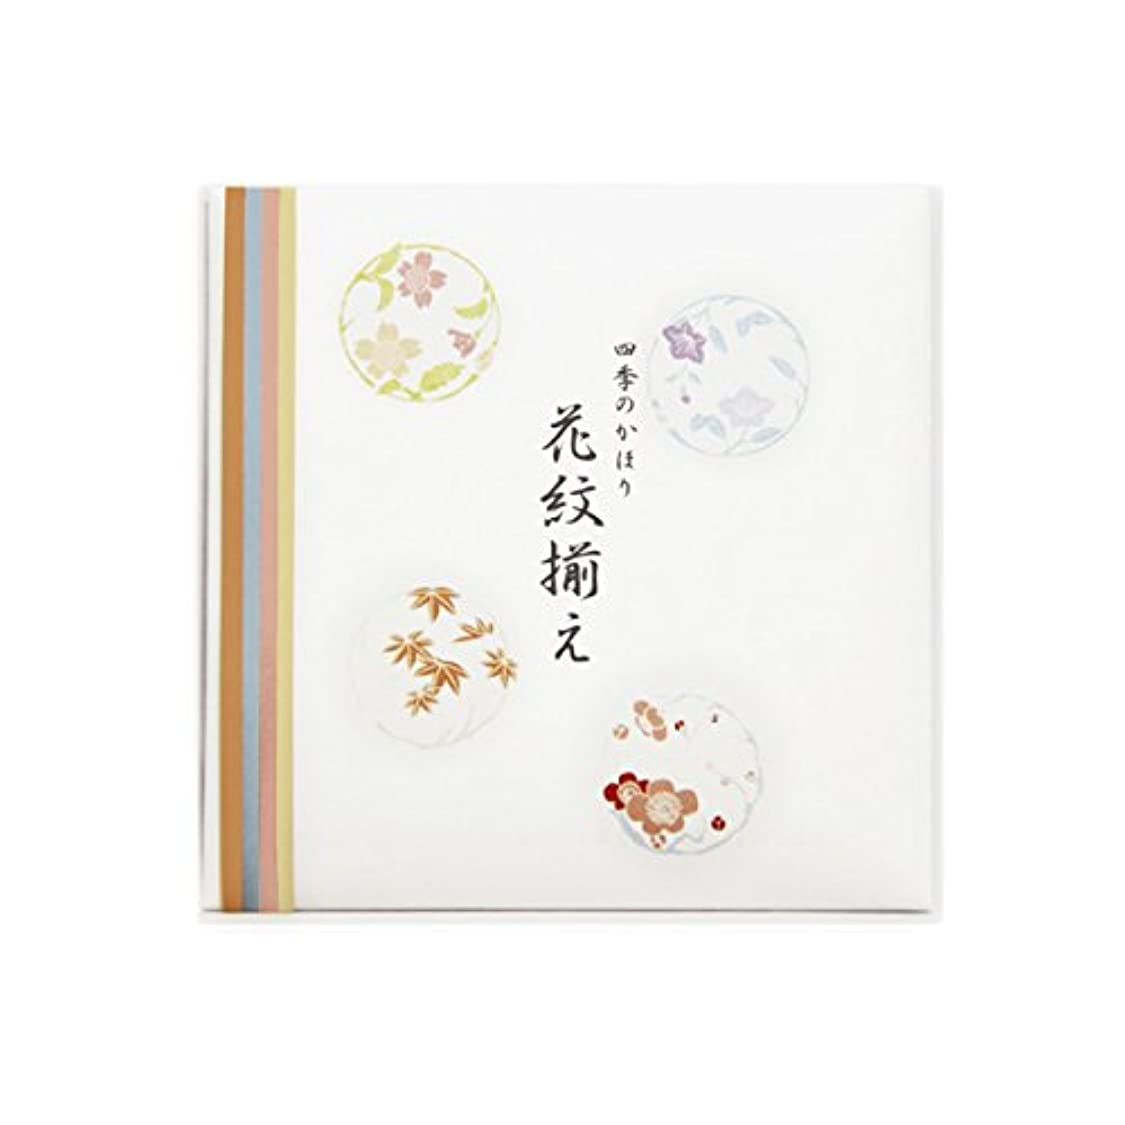 達成生きる表向き四季の香り 花紋揃え スティック4種各4本入